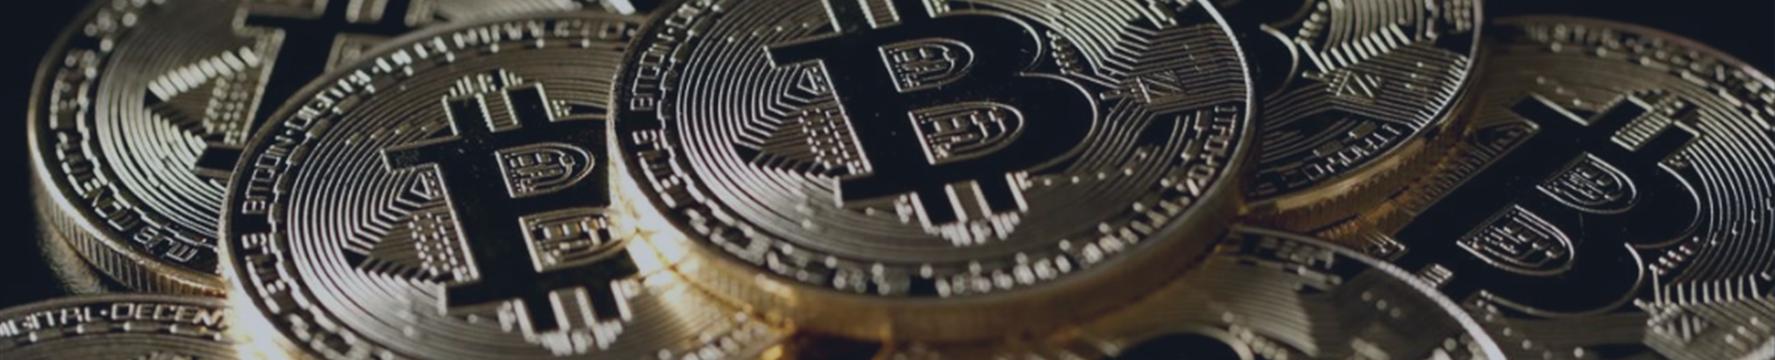 20-летний биткоин-миллионер запускает свою платформу